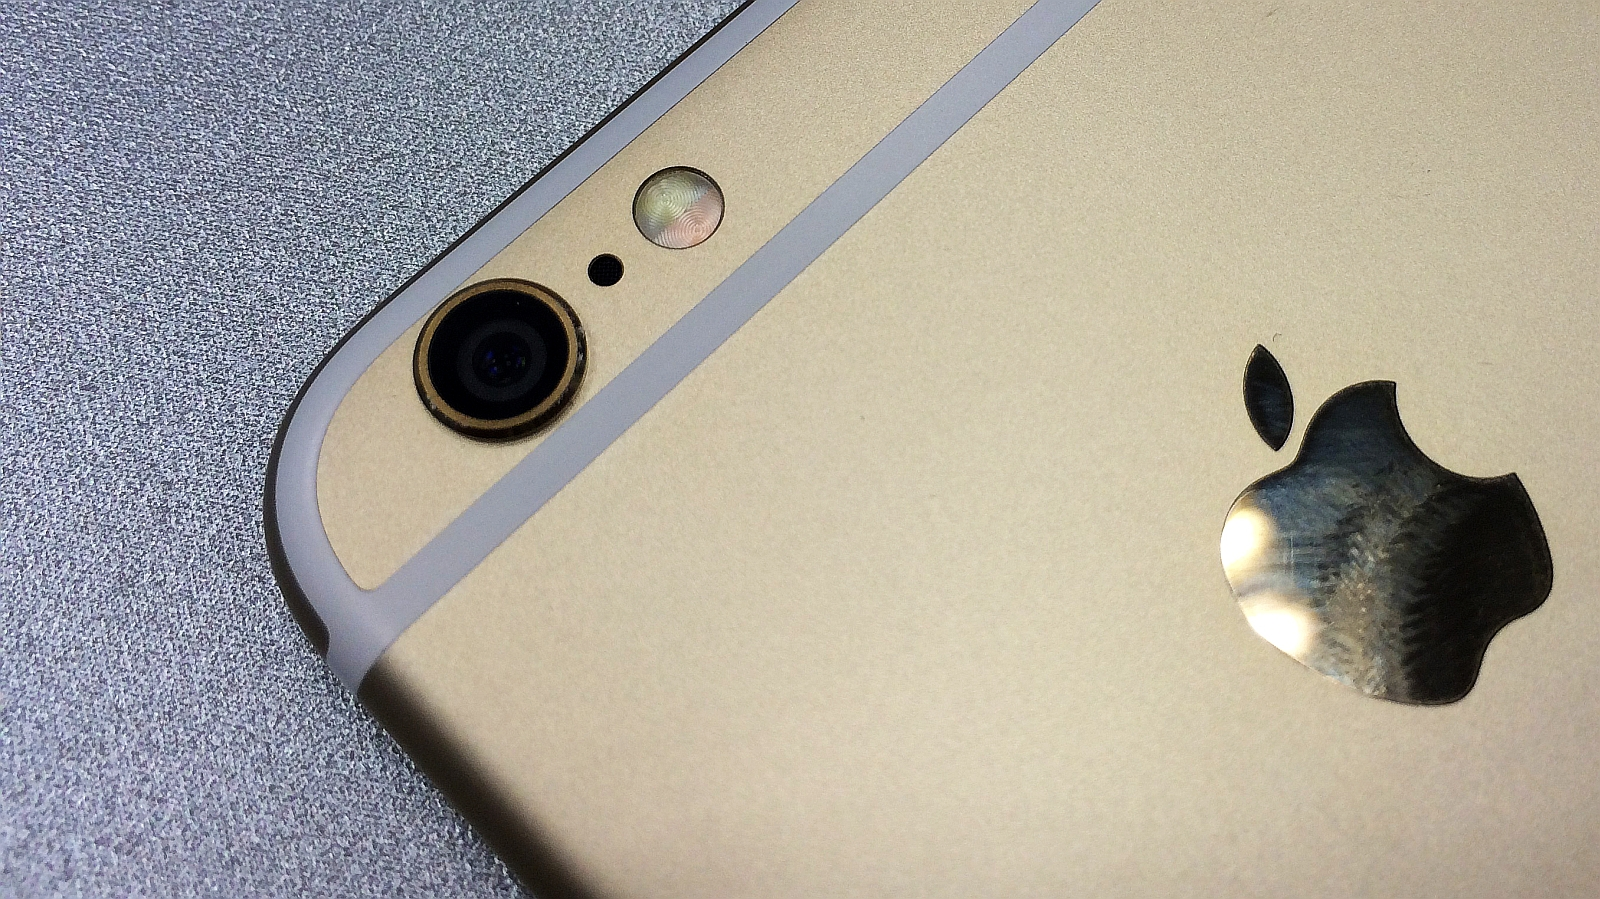 iphone 6 camera john karakatsanis